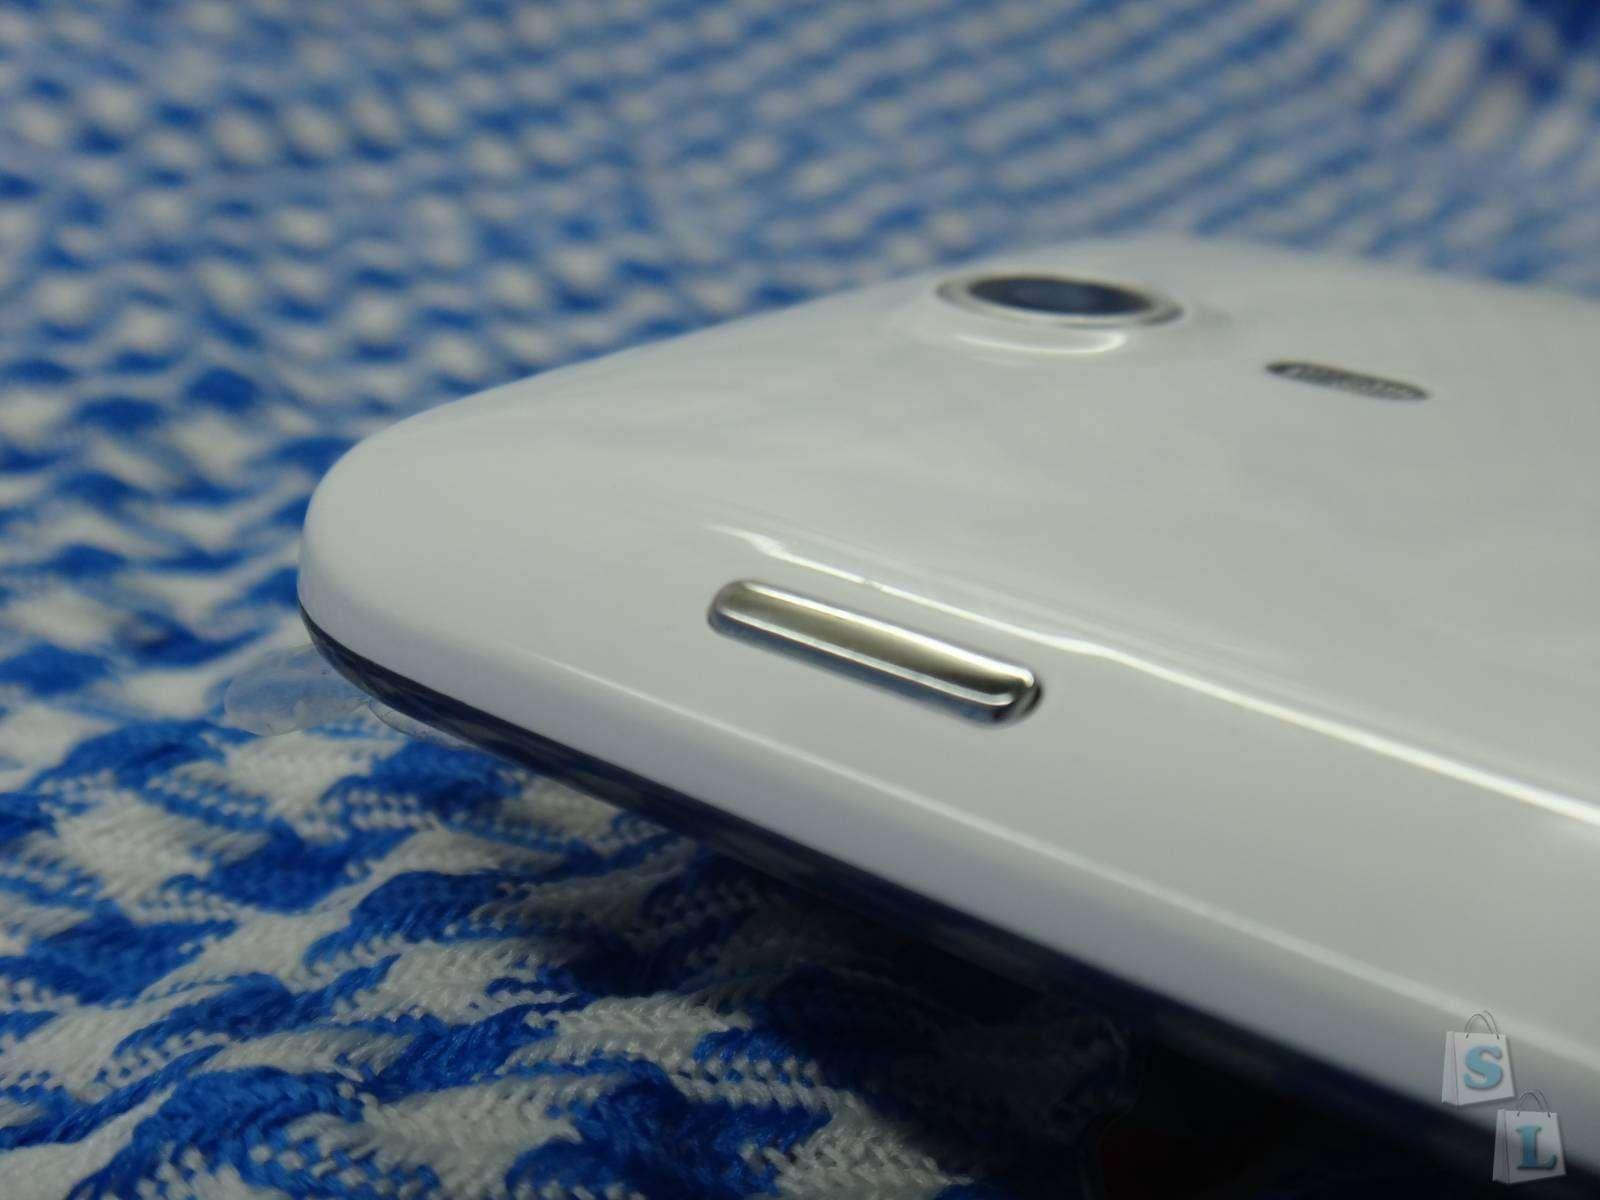 CooliCool: Смартфон ViewSonic S600 живучий фаблет с нормальной производительностью полный обзор